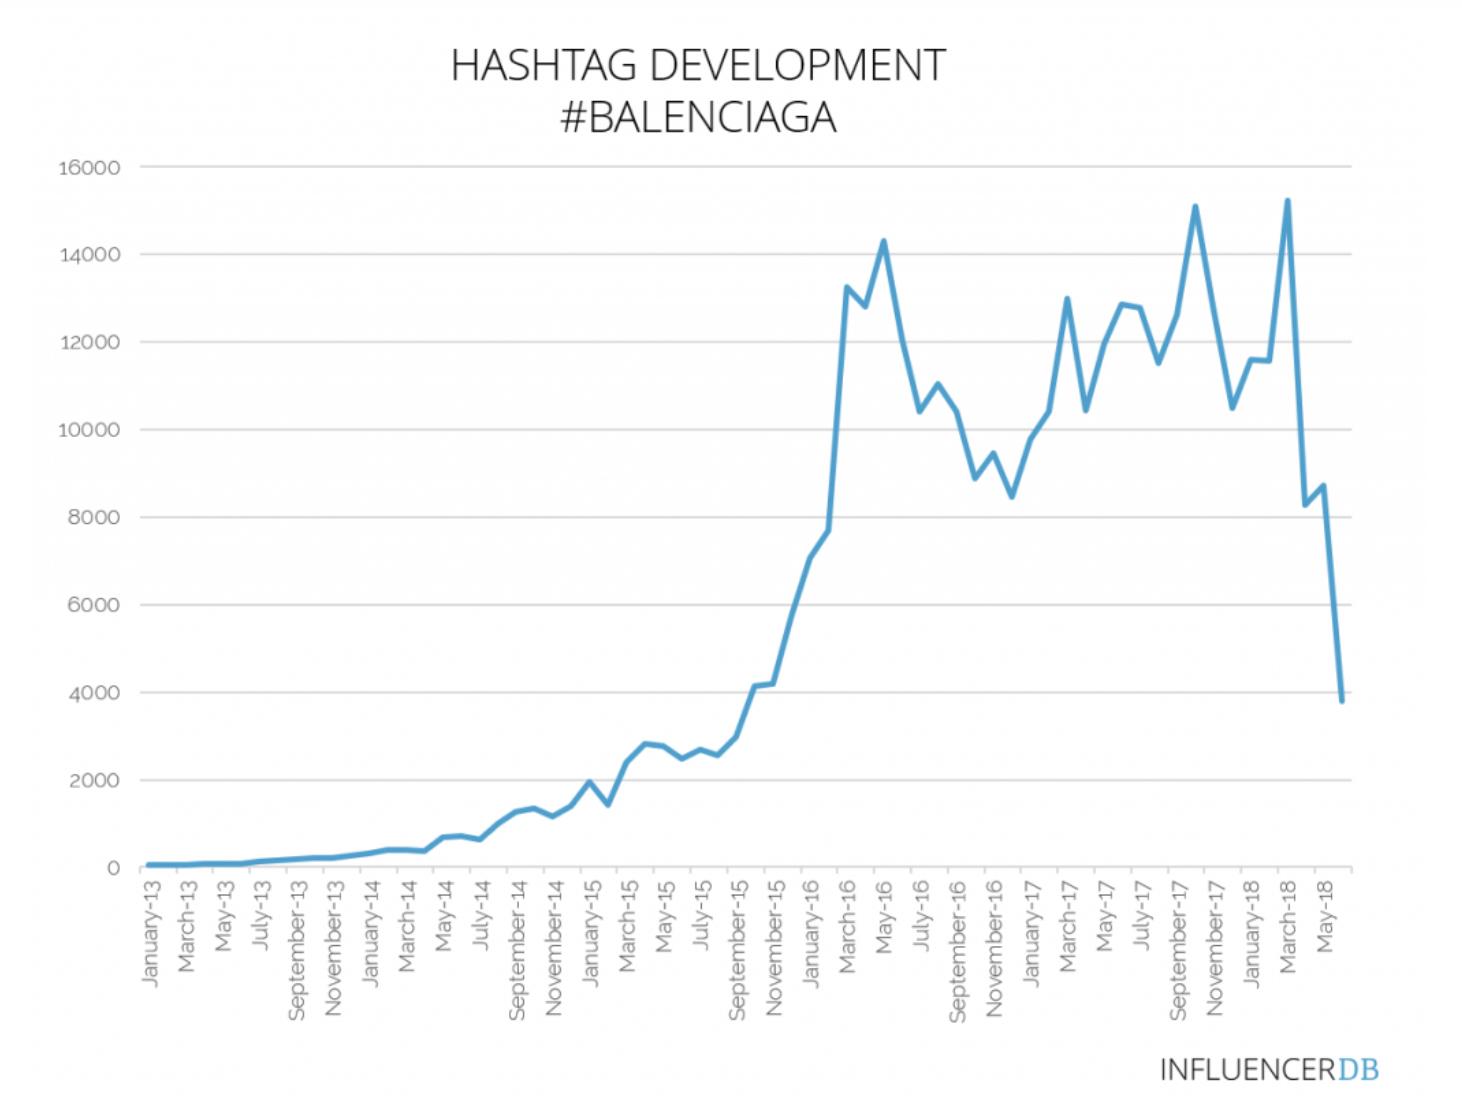 Balenciaga hashtags